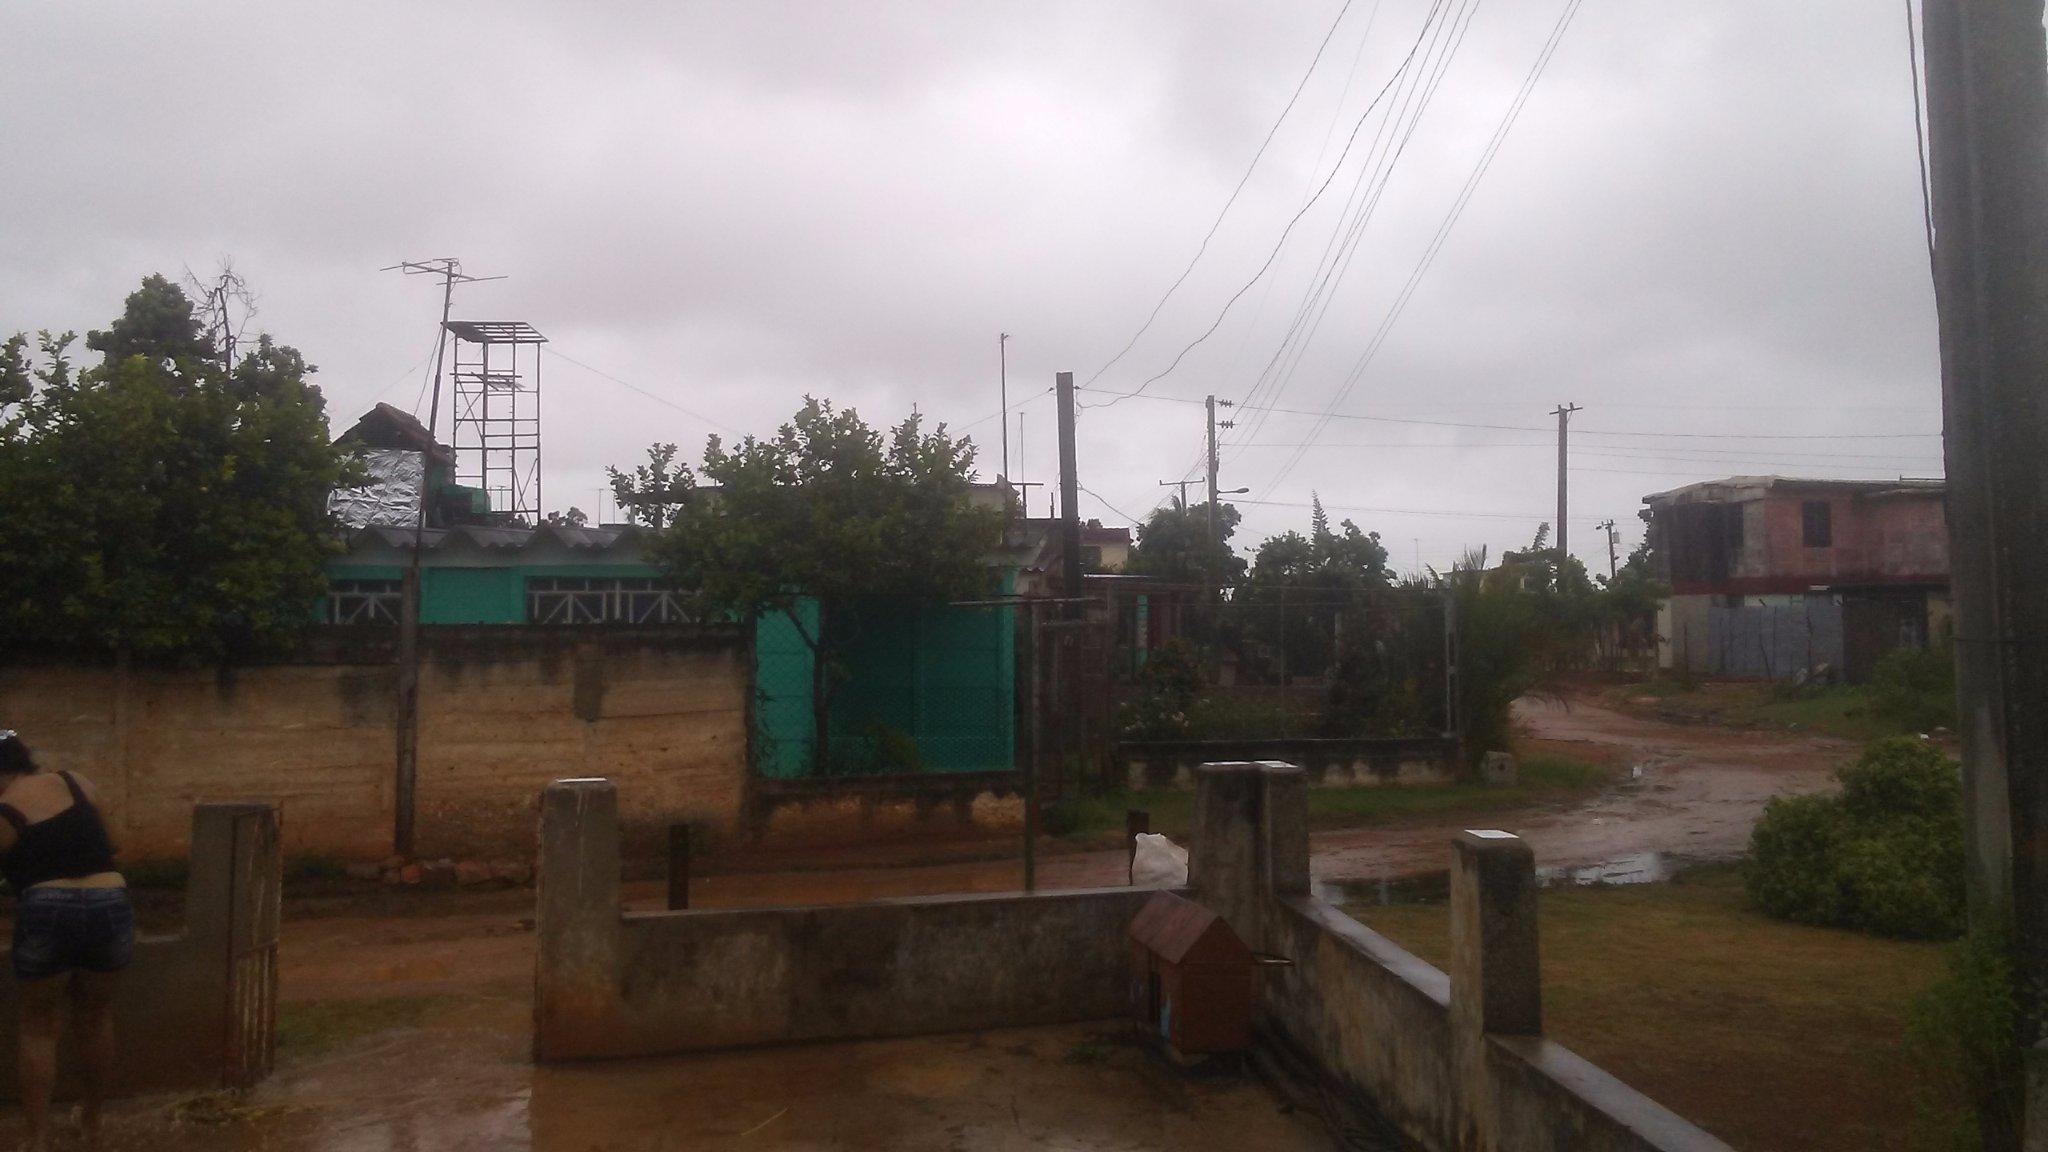 Die Auswirkungen des nahenden Tropensturms in Batabanó, im Süden der Provinz Artemisa. | Bildquelle: https://twitter.com/apolo8701/status/1298010096337813505/photo/1 © Apolo26 / Twitter | Bilder sind in der Regel urheberrechtlich geschützt